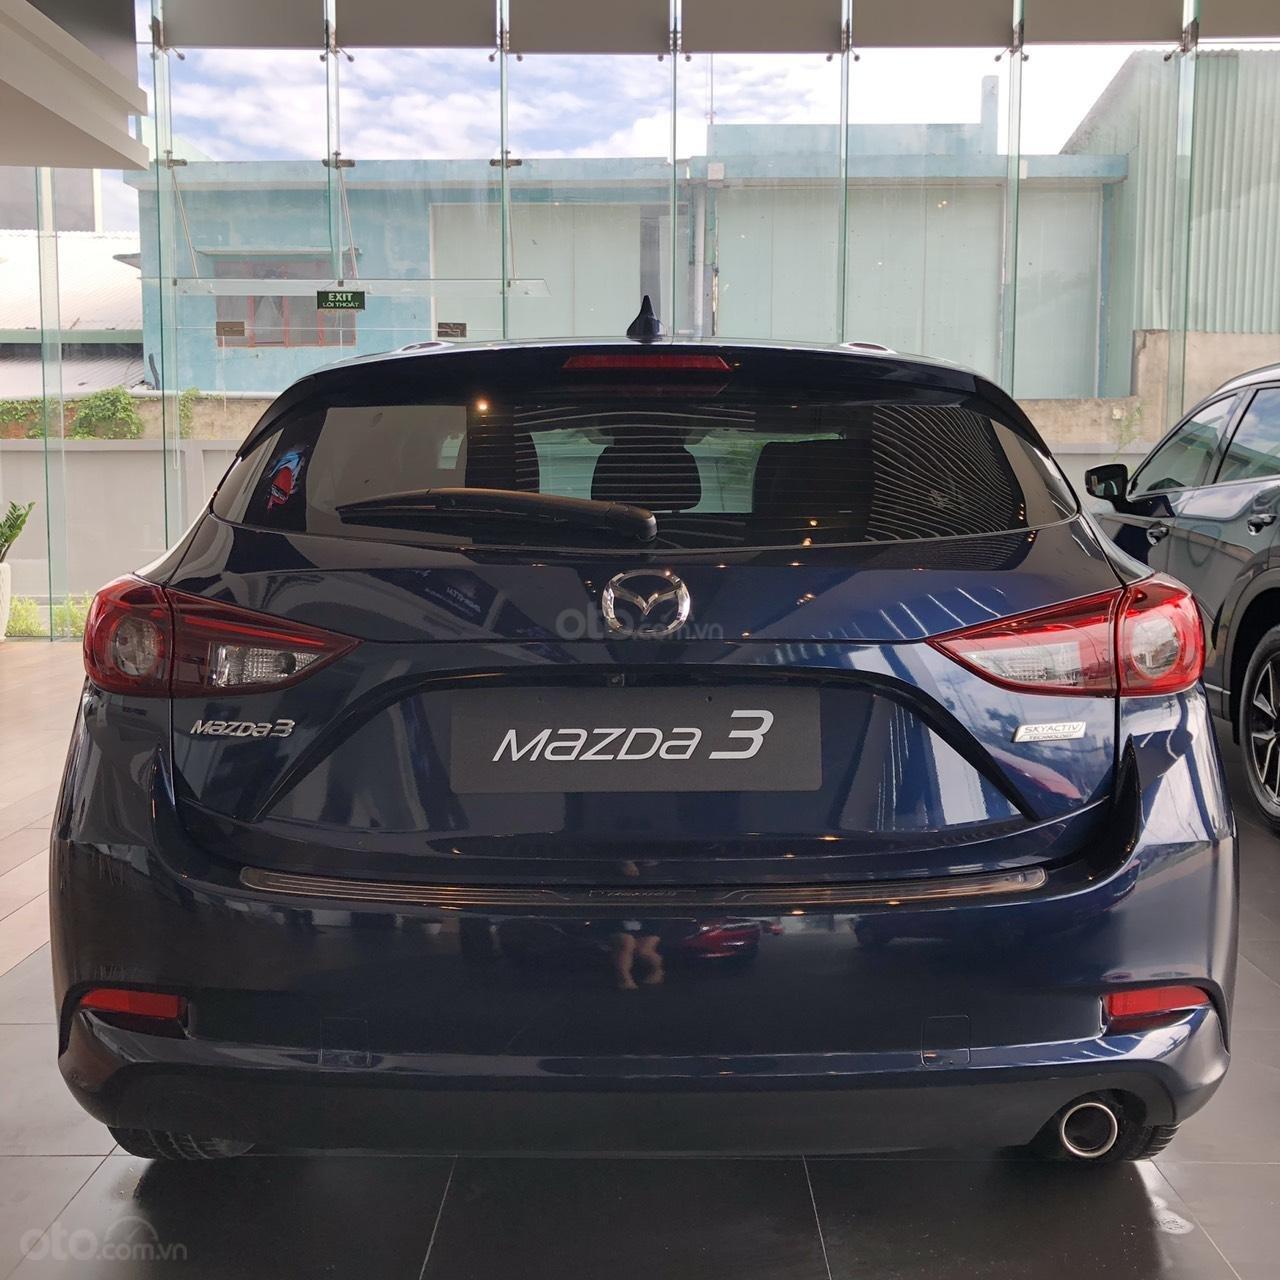 2019 Mazda 3 1.5AT Luxury ưu đãi đến 70 triệu (9)